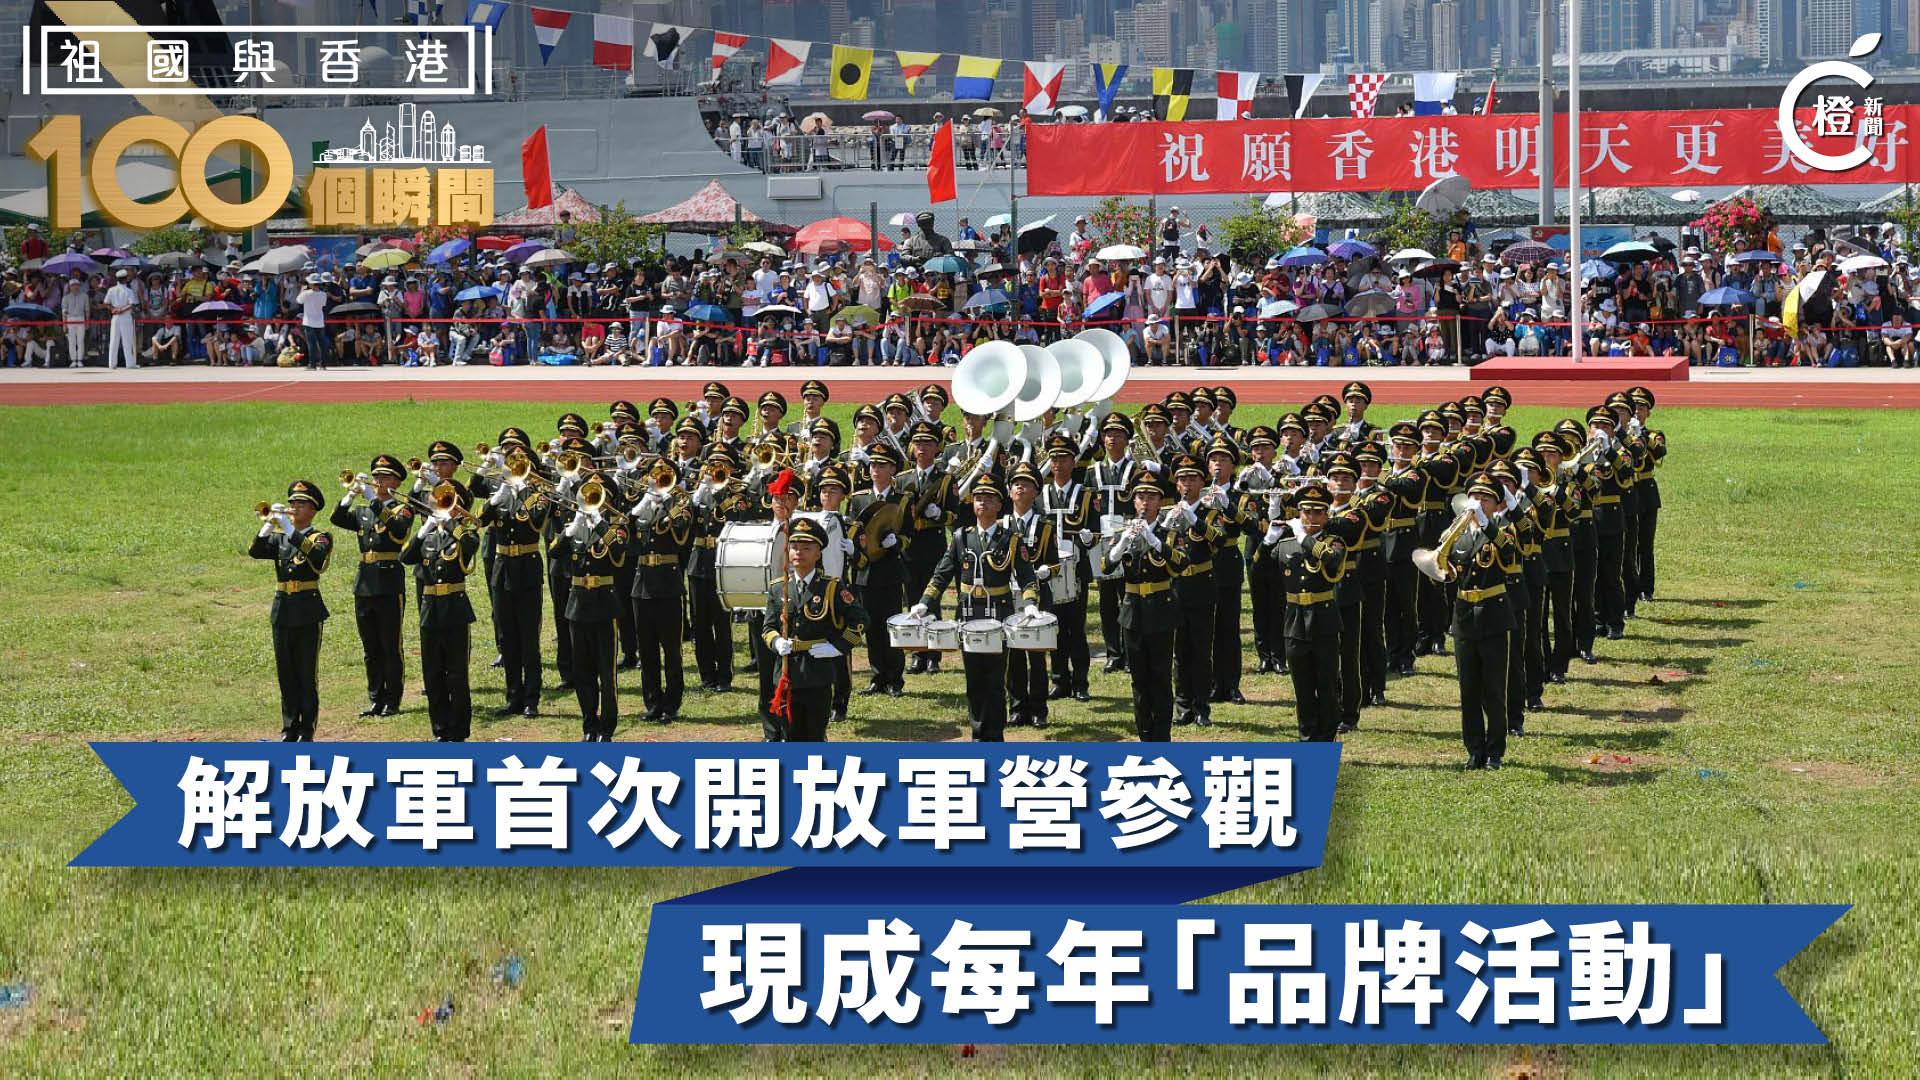 【祖國與香港100個瞬間】駐港部隊舉辦首次開放日 增進市民了解及互信